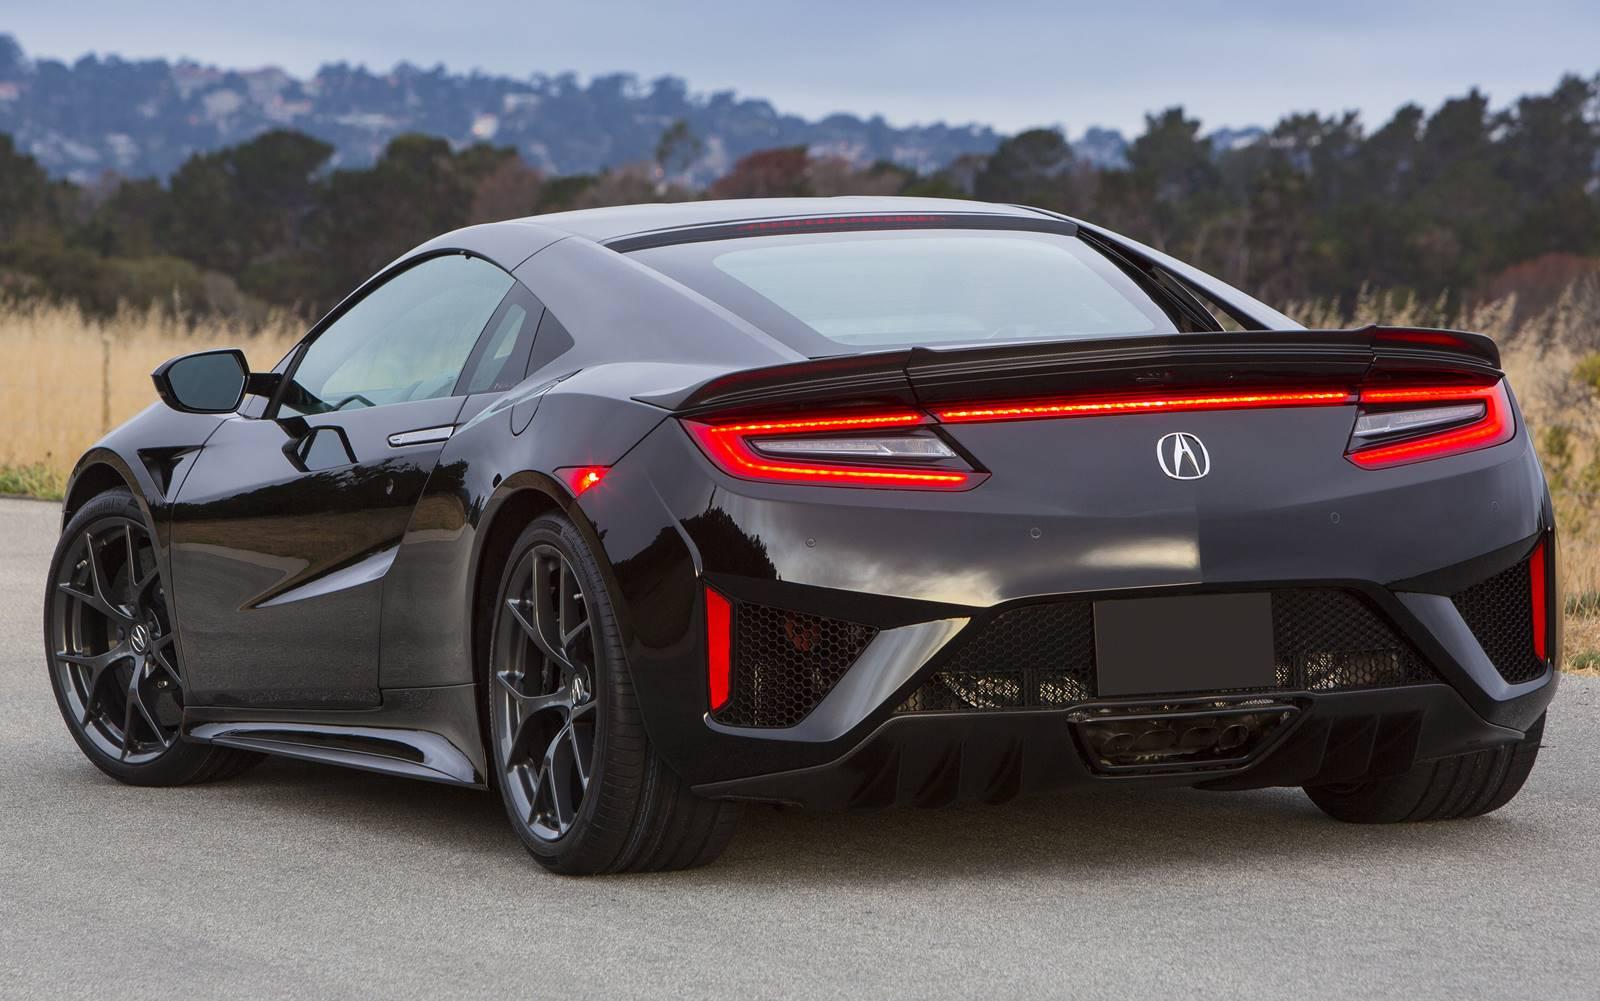 Novo Acura NSX 2017: fotos, vídeo e especificações ...